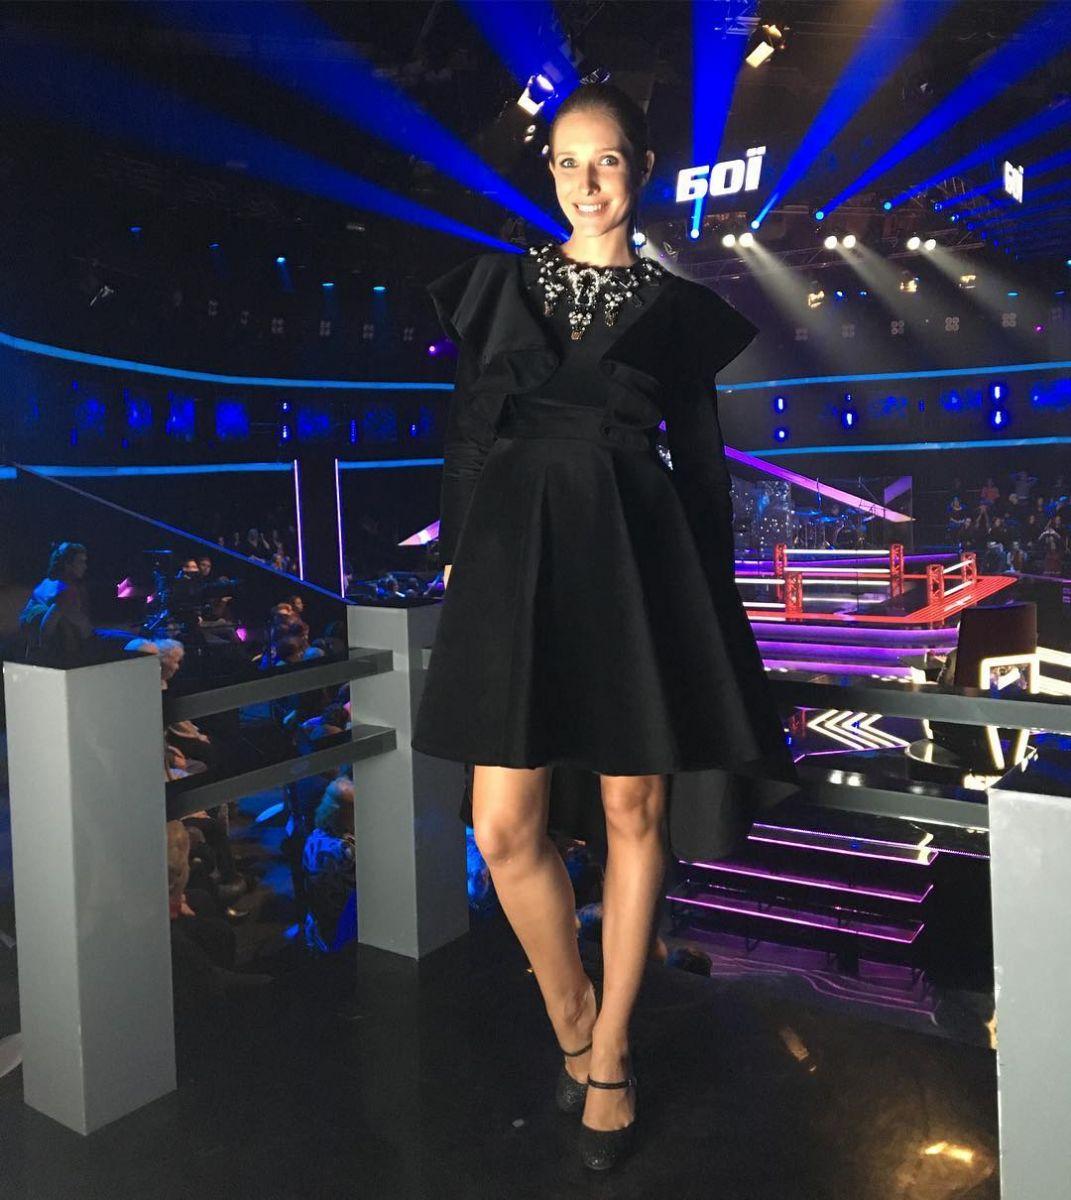 Секси-мама: Катя Осадчая продемонстрировала стройные ноги в платье с высоким разрезом